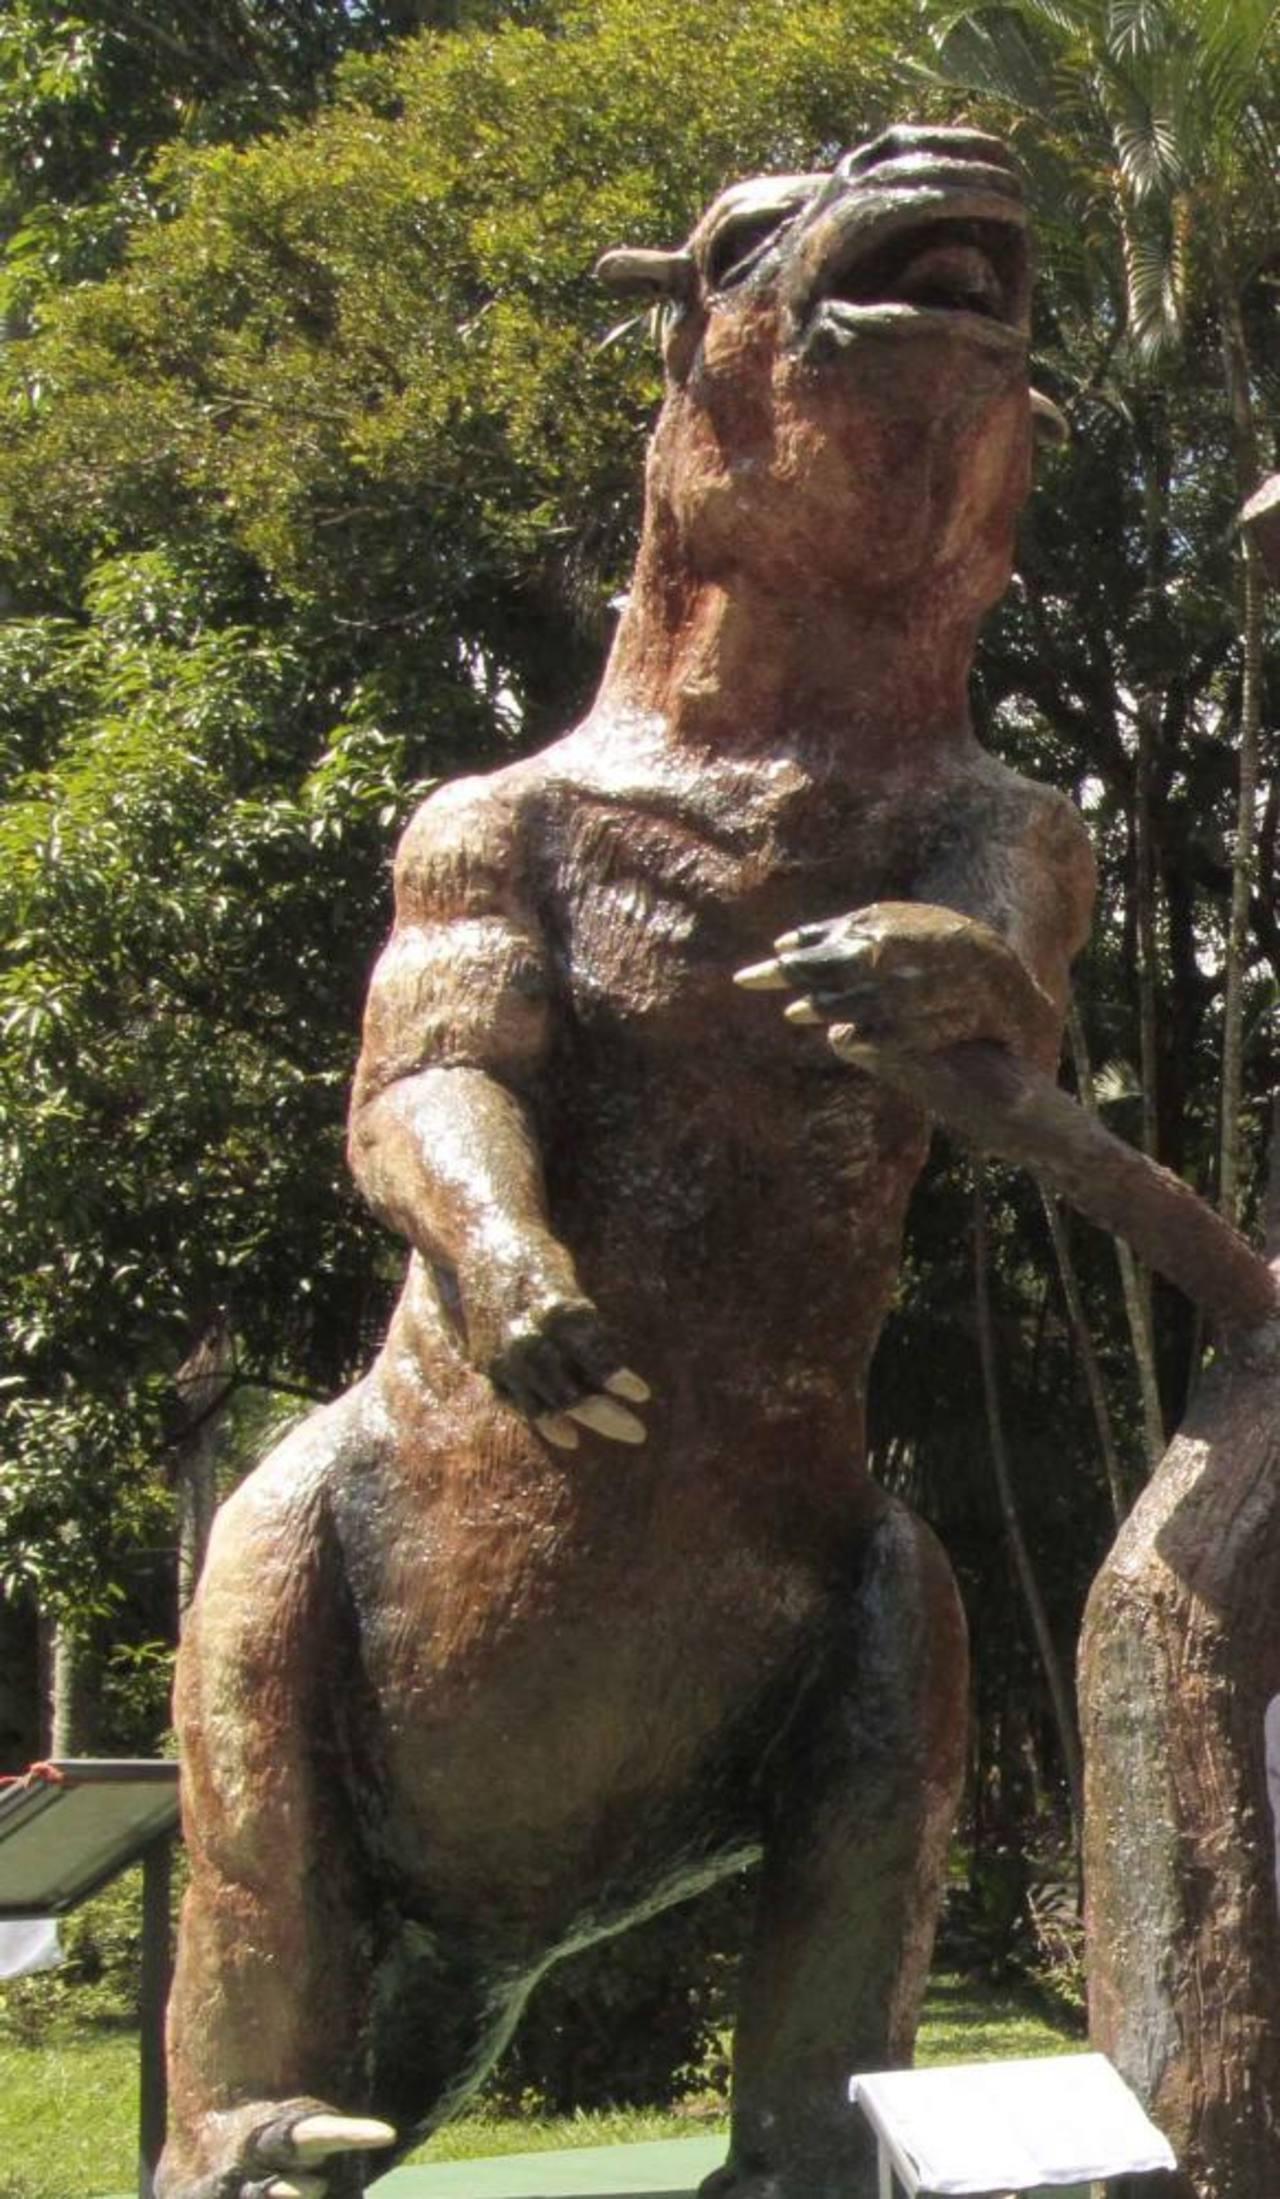 Imagen de la escultura de un Toxodonte, la cual fue desvelado ayer.